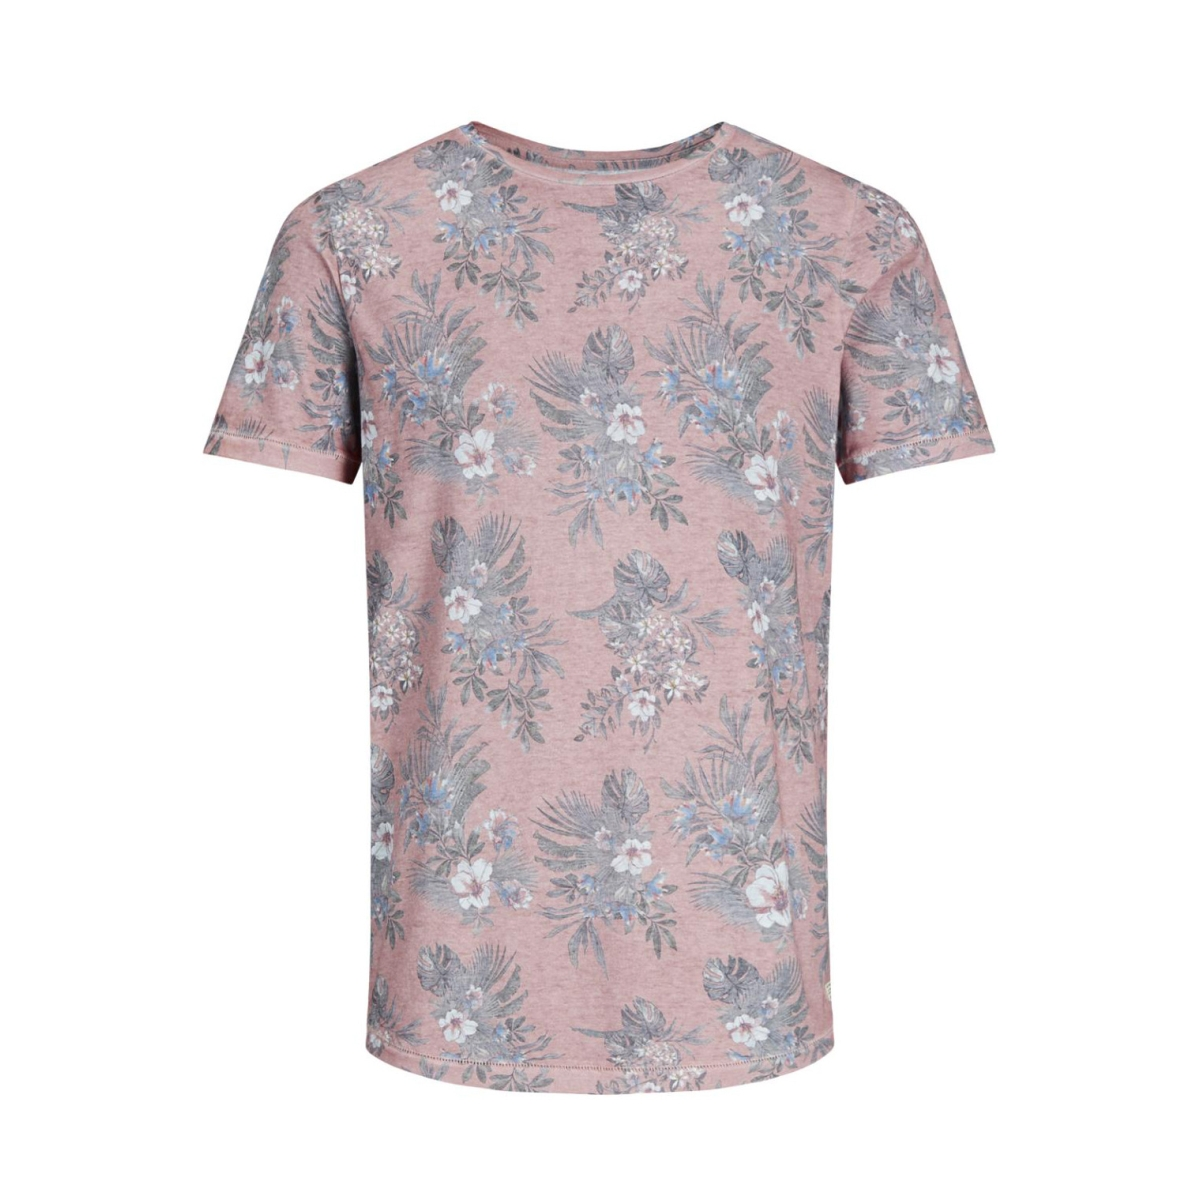 jjvfu toby ss tee 12131830 jack & jones t-shirt aragon/ slim fit